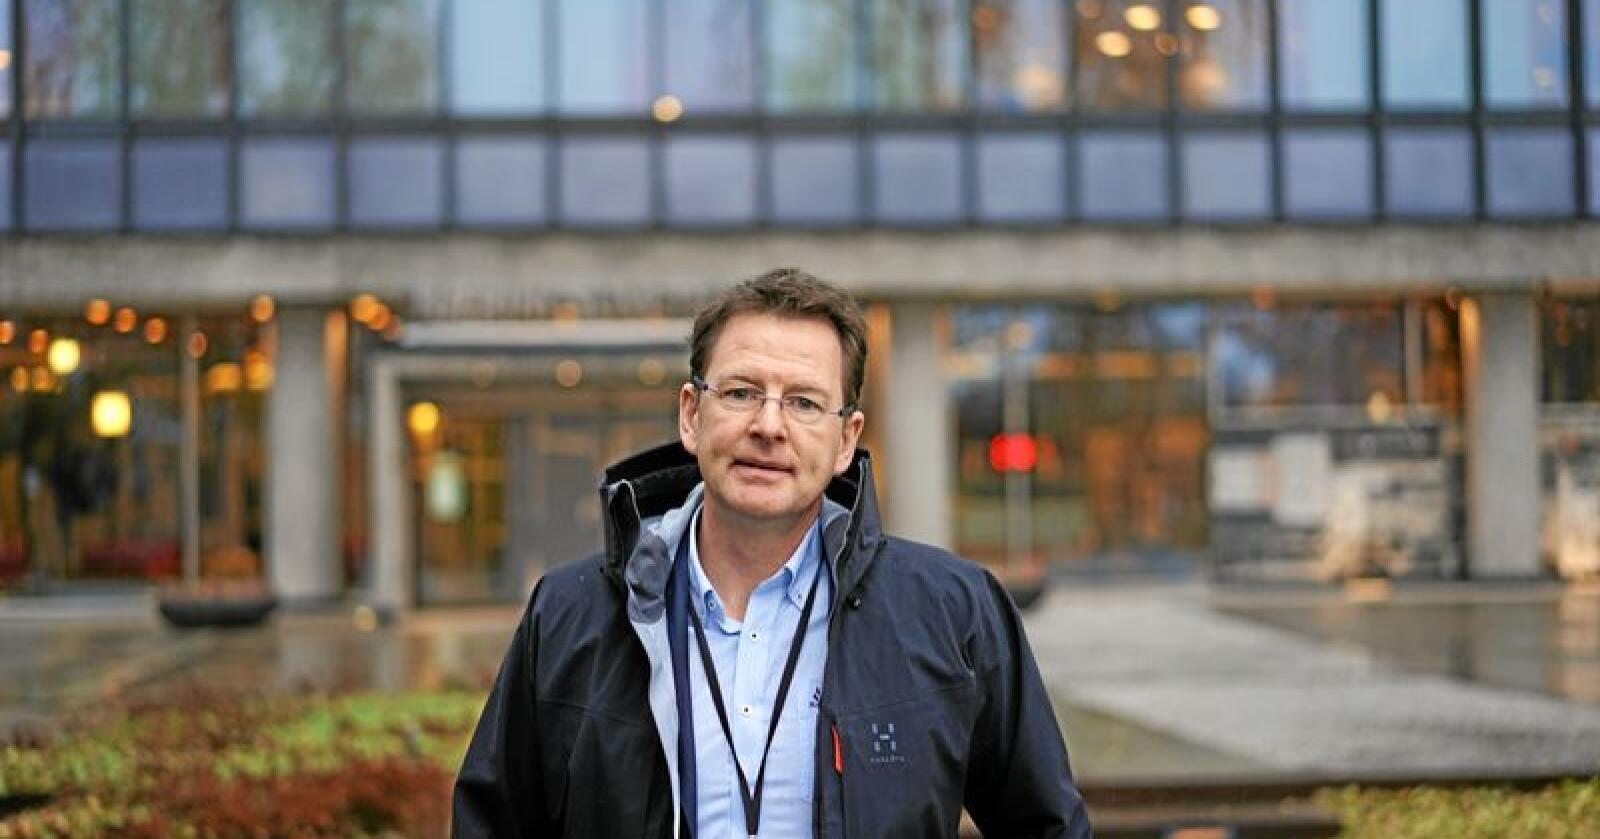 Gaute Lenvik, administrerende direktør i Veterinærinstituttet mener at selv om tallene viser en stadig nedgang, må ikke den lave antibiotikabruken tas for gitt. Foto: Benjamin Hernes Vogl